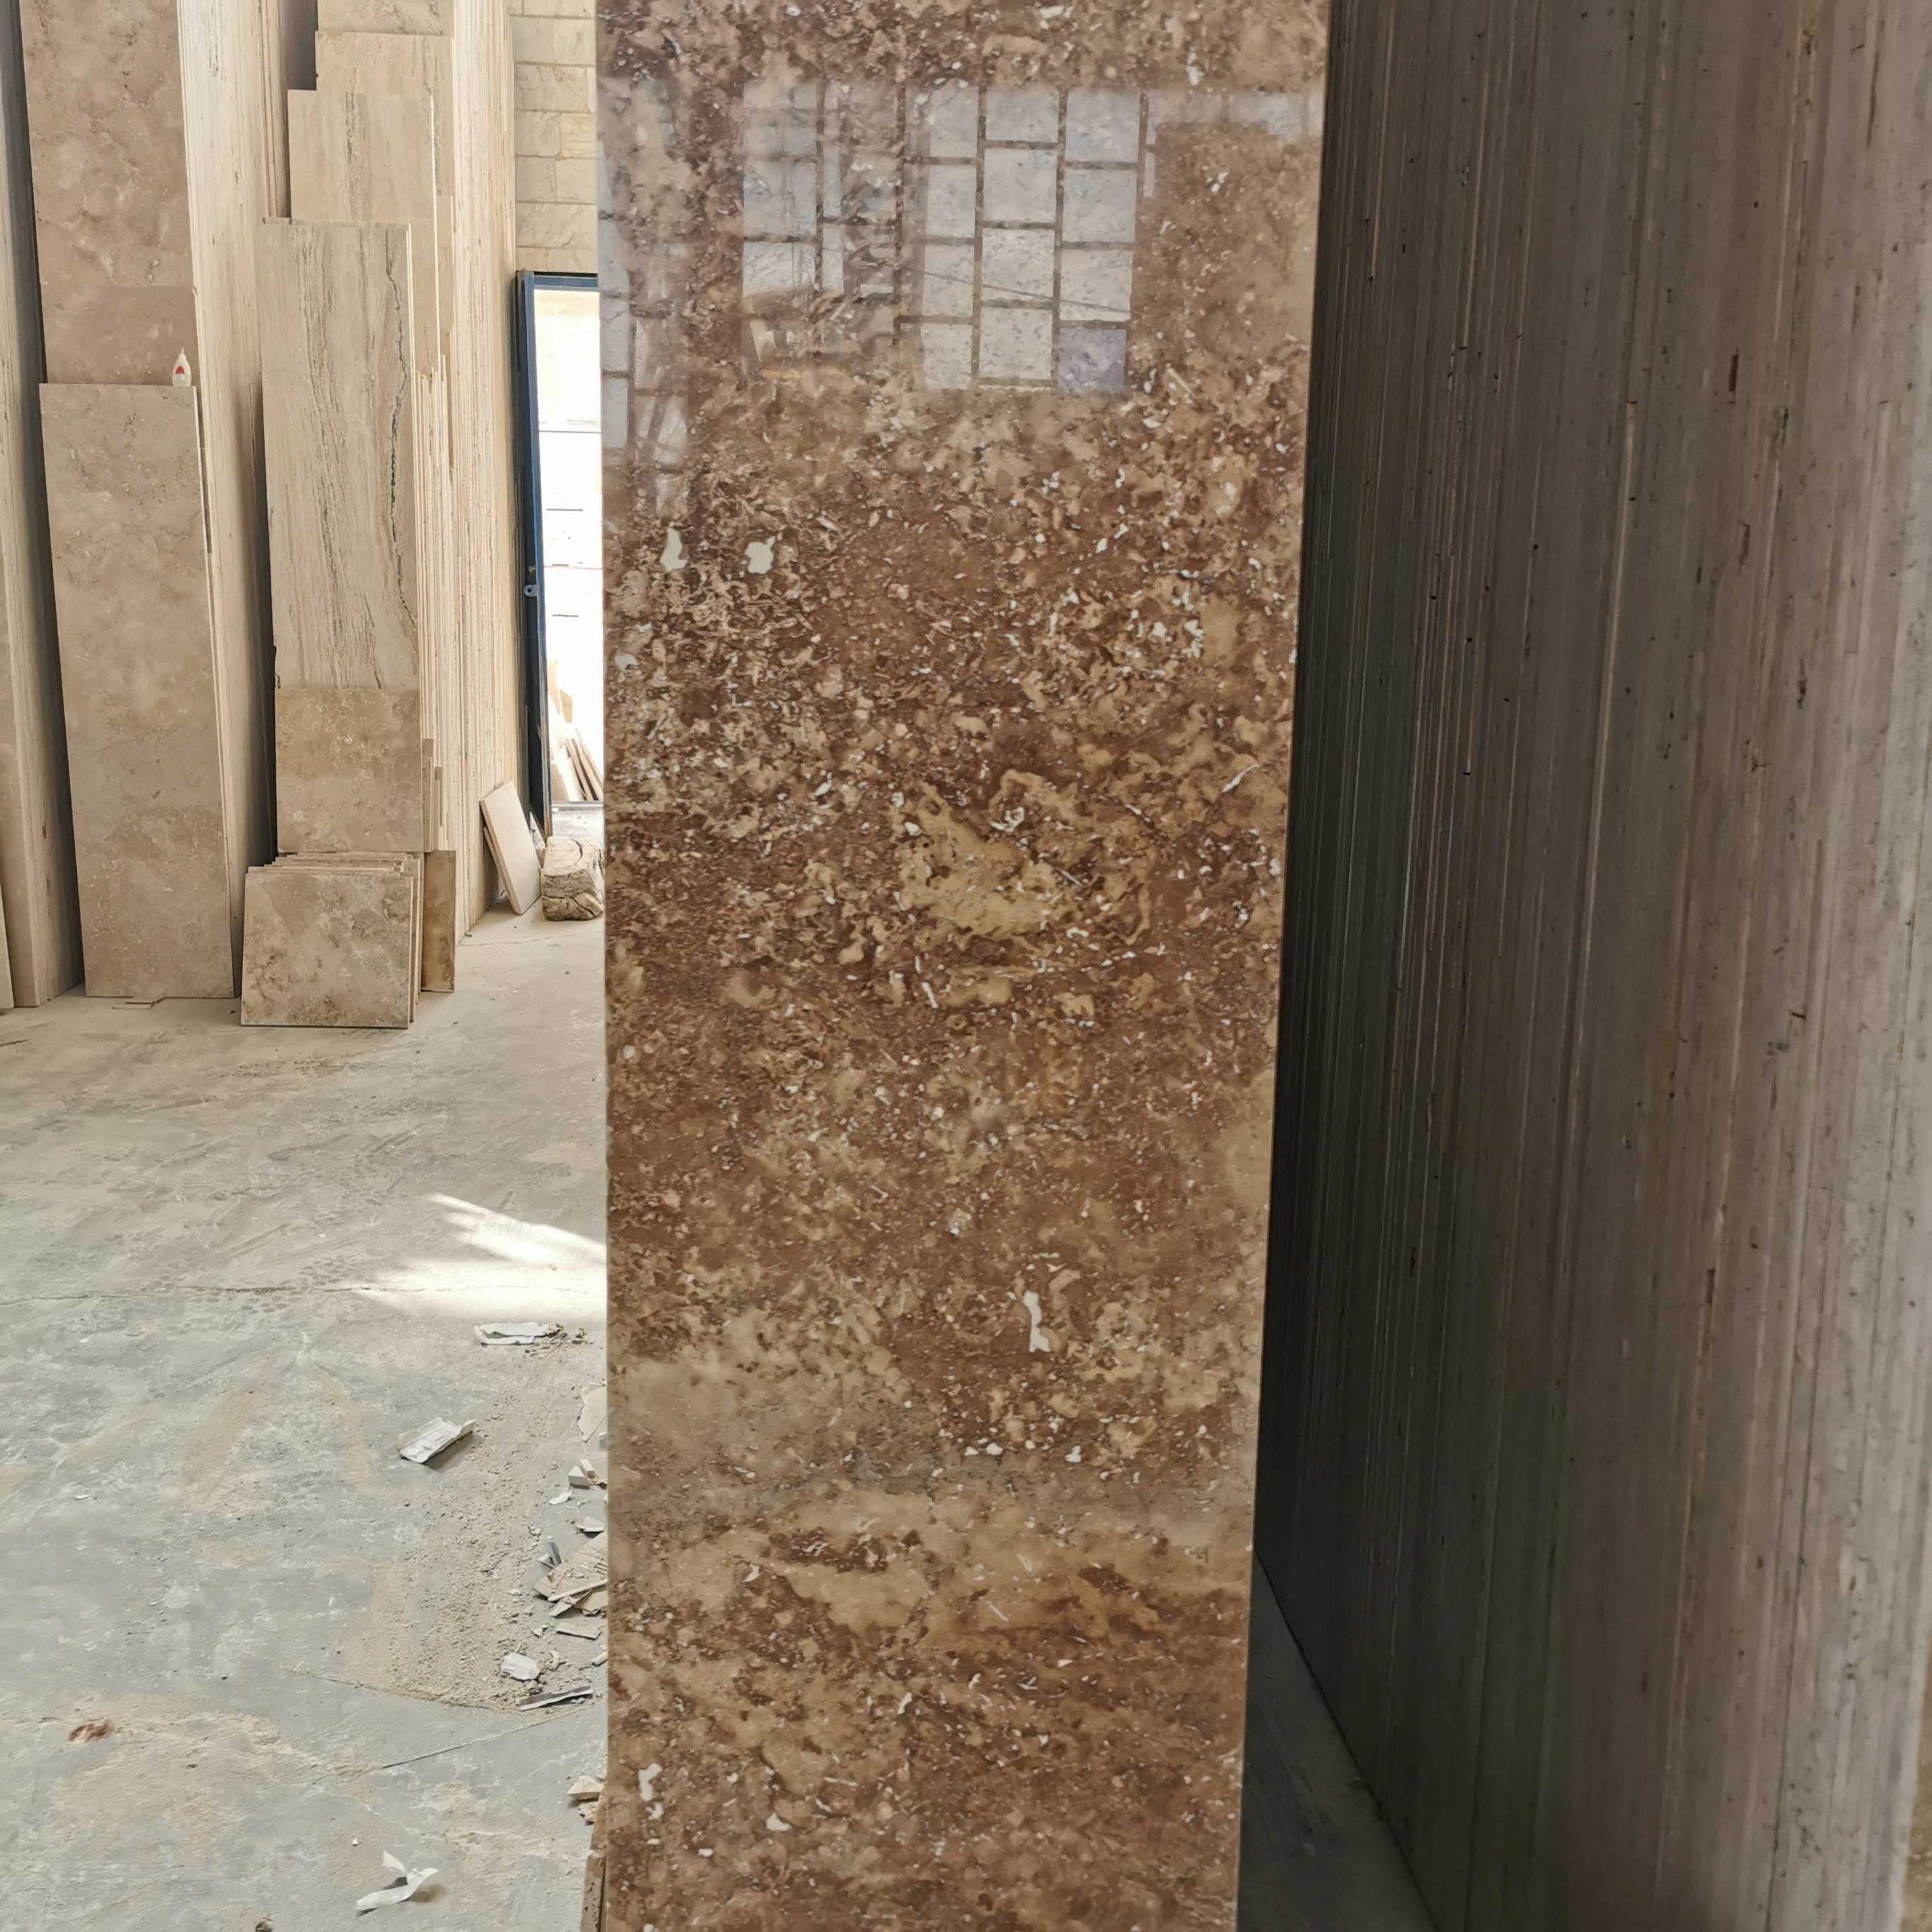 سنگ تراورتن محلات شکلاتی – سنگ ساختمانی – سنگ تراورتن – خرید سنگ ساختمانی – قیمت سنگ ساختمانی – خرید سنگ تراورتن – سنگ نما – گالری 1